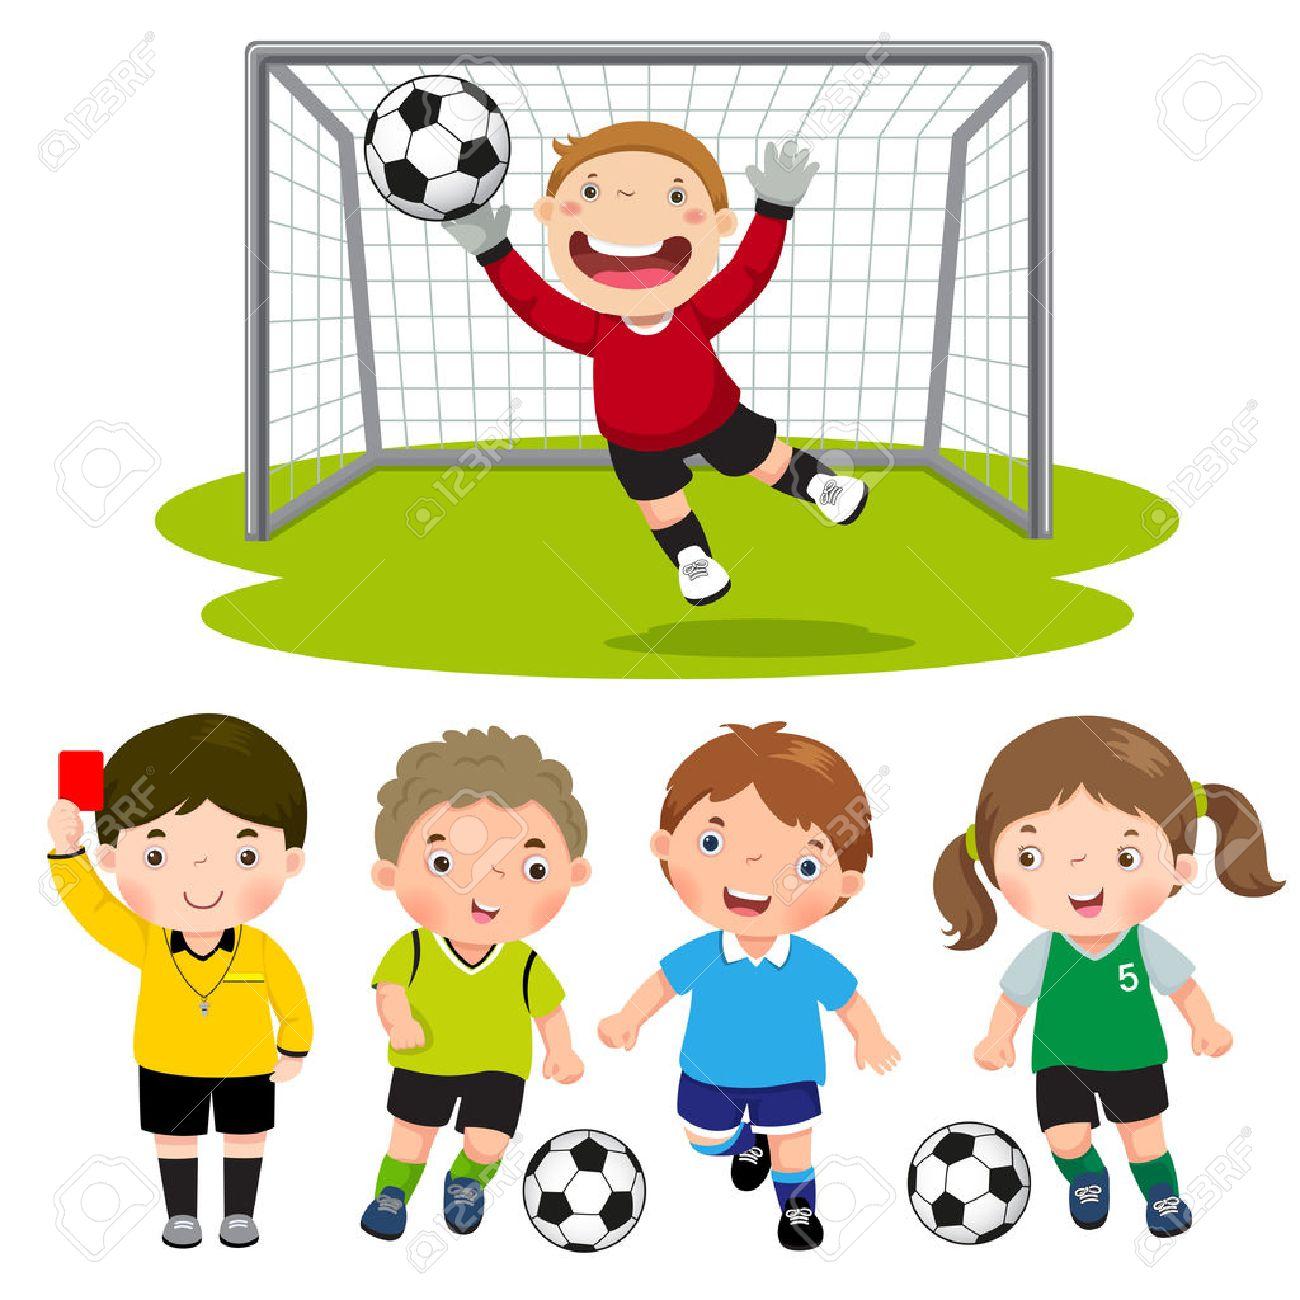 Resultado de imagen de niños jugando futbol dibujo